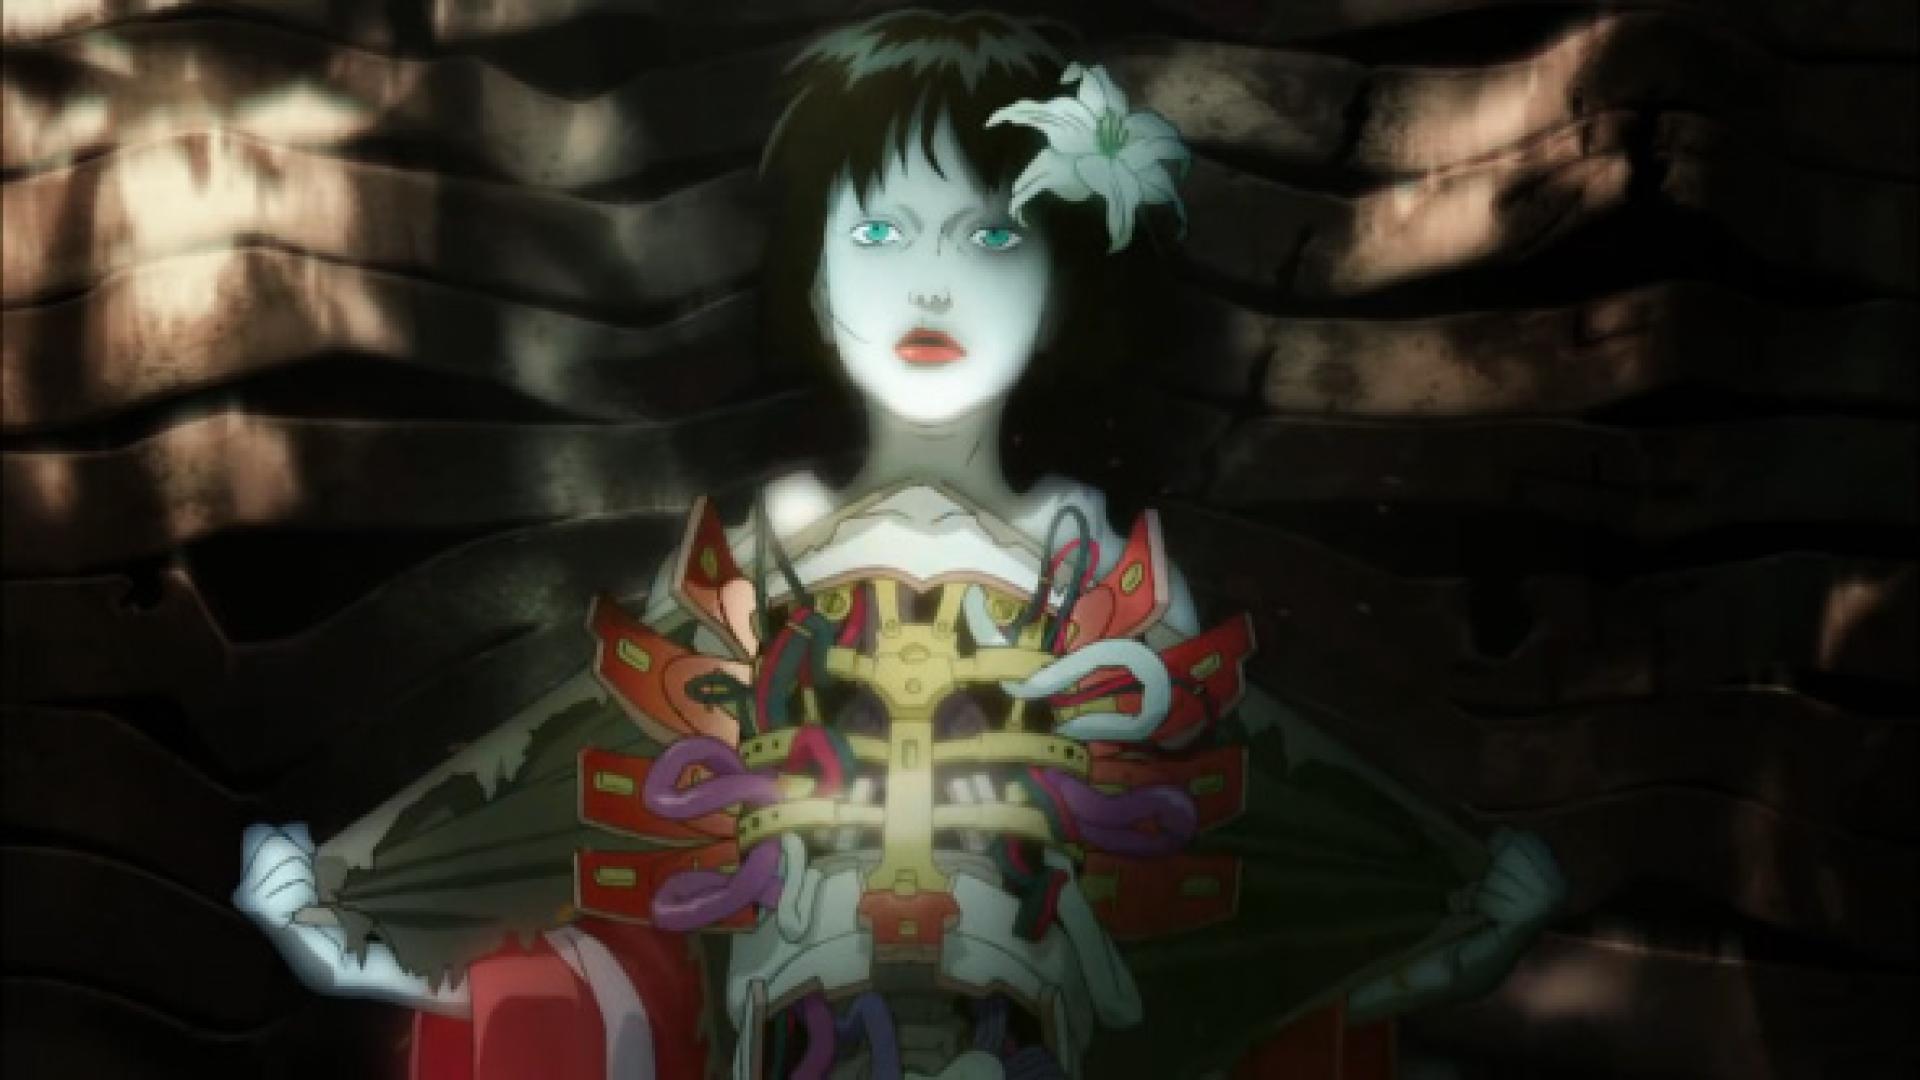 Ghost in the Shell 2: Innocence - Páncélba zárt szellem 2: Ártatlanság 1. kép